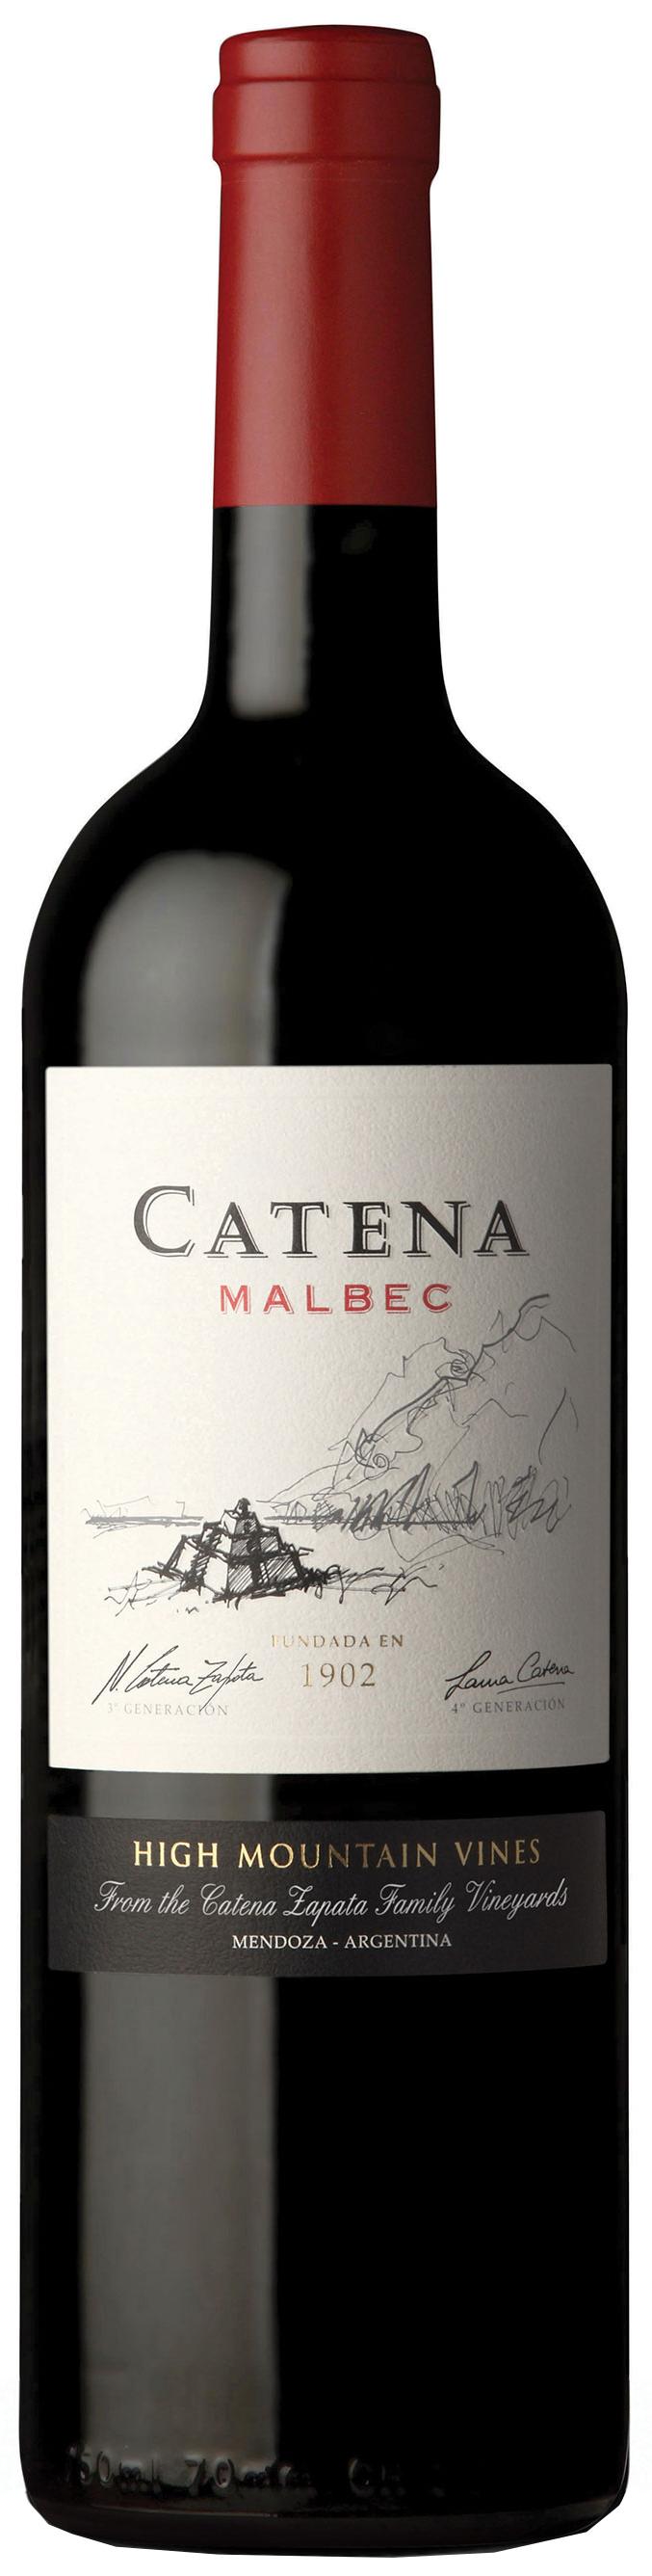 Catena Malbec 2015 (Catena Zapata)